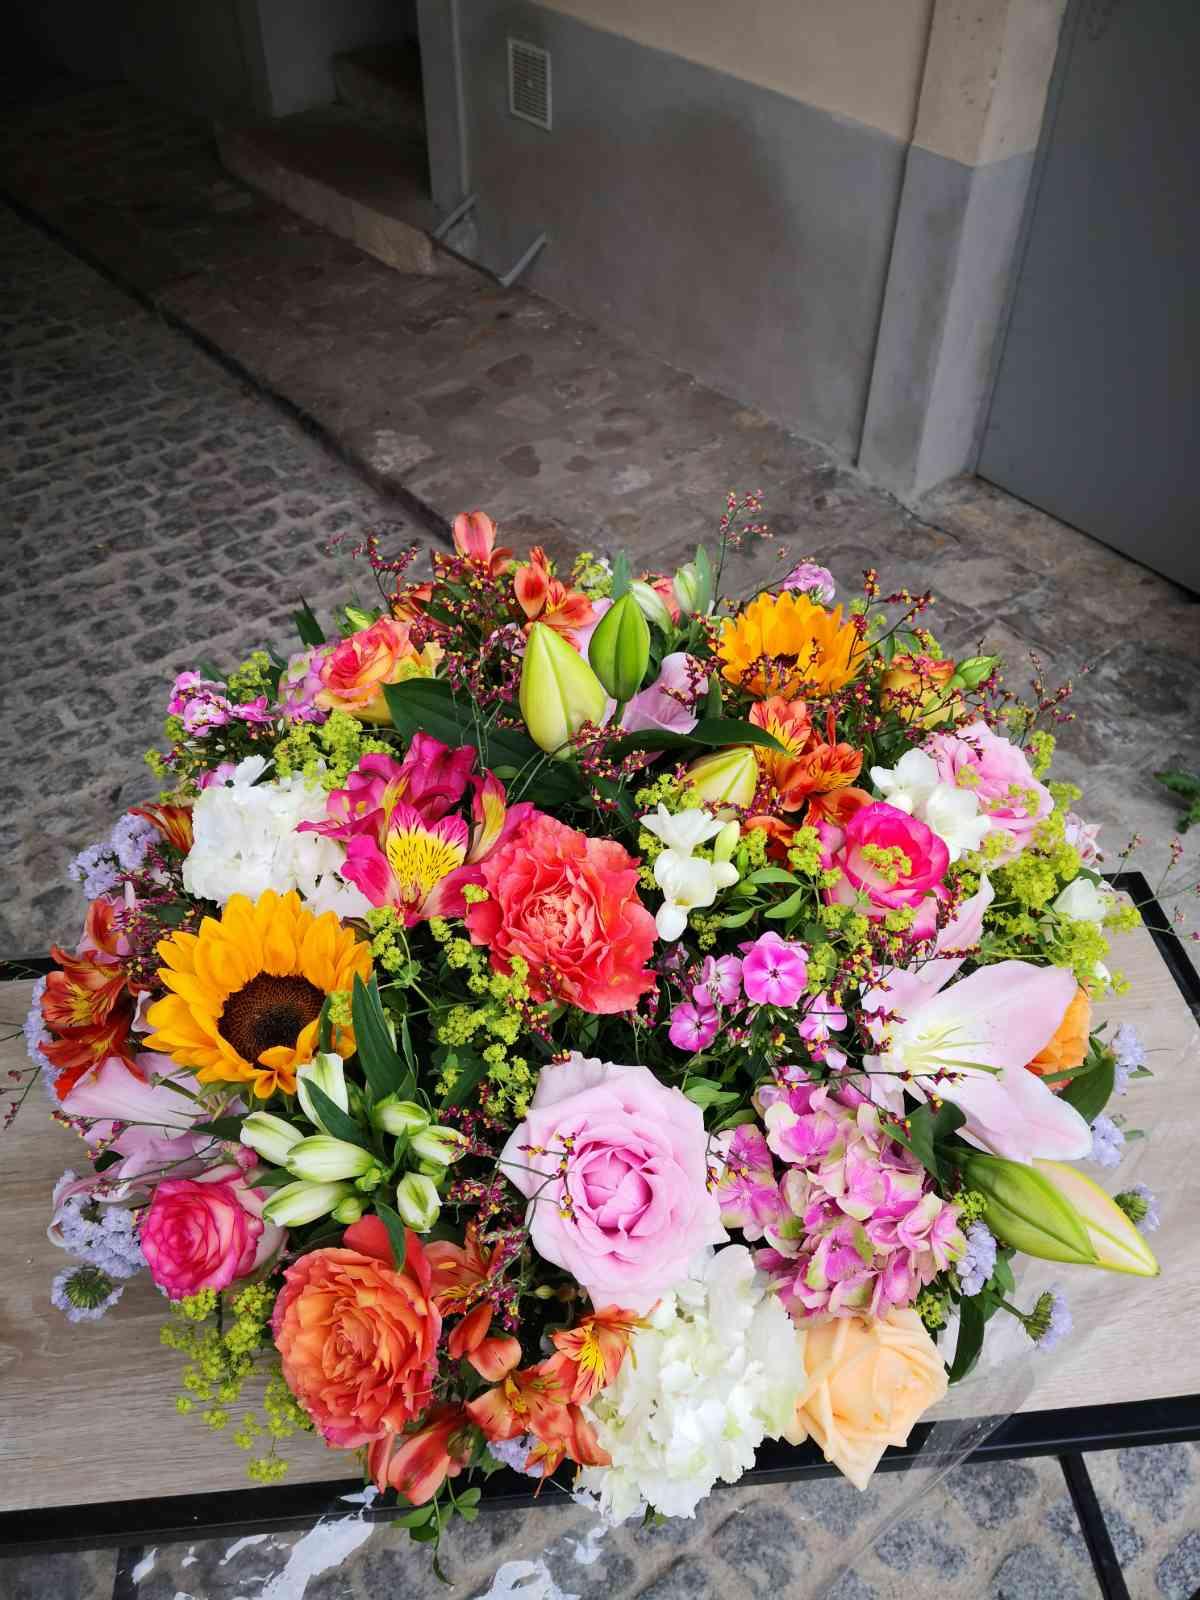 208 Décoration florale pour des évènements (mariage, anniversaire, etc.) | Aux Quatre Saisons à Boissy-Saint-Léger